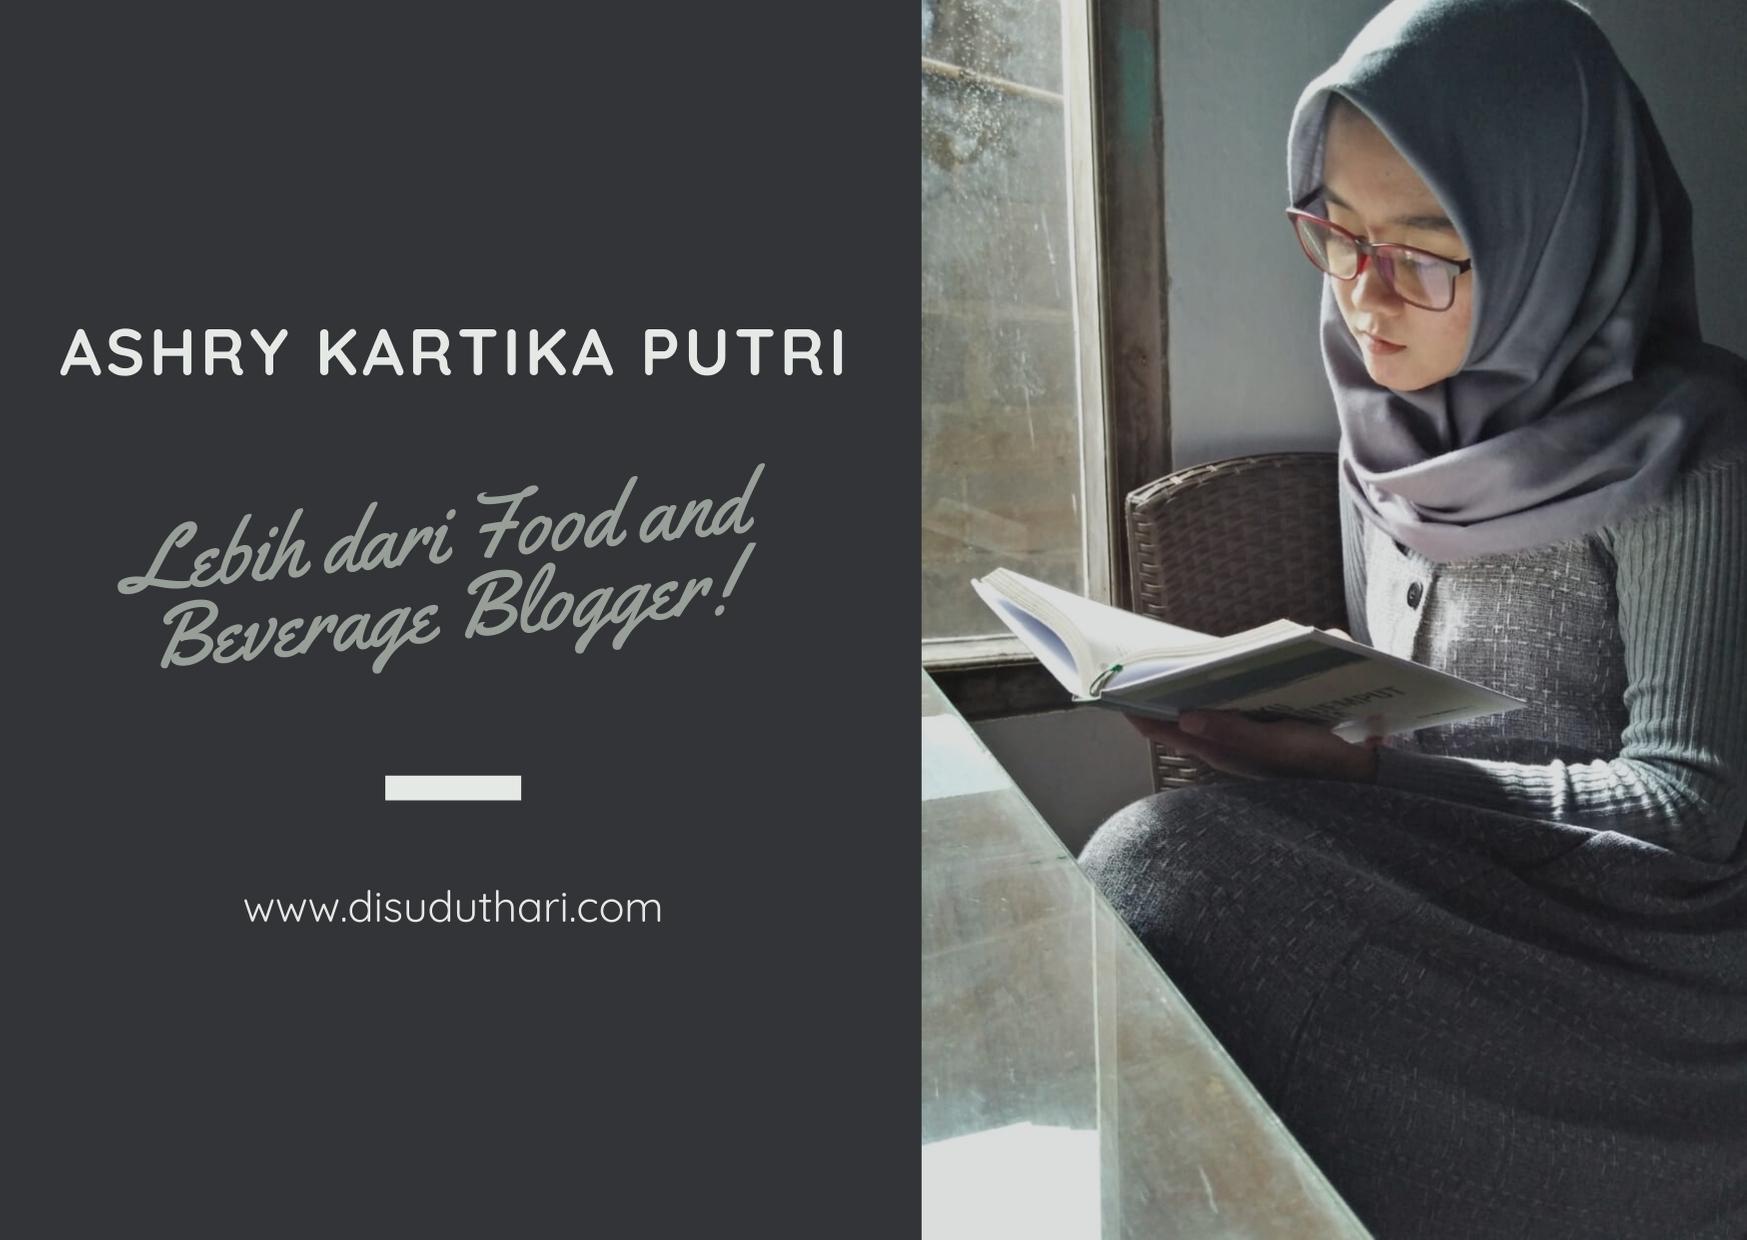 Ashry Kartika Putri : Lebih dari Food and Beverage Blogger